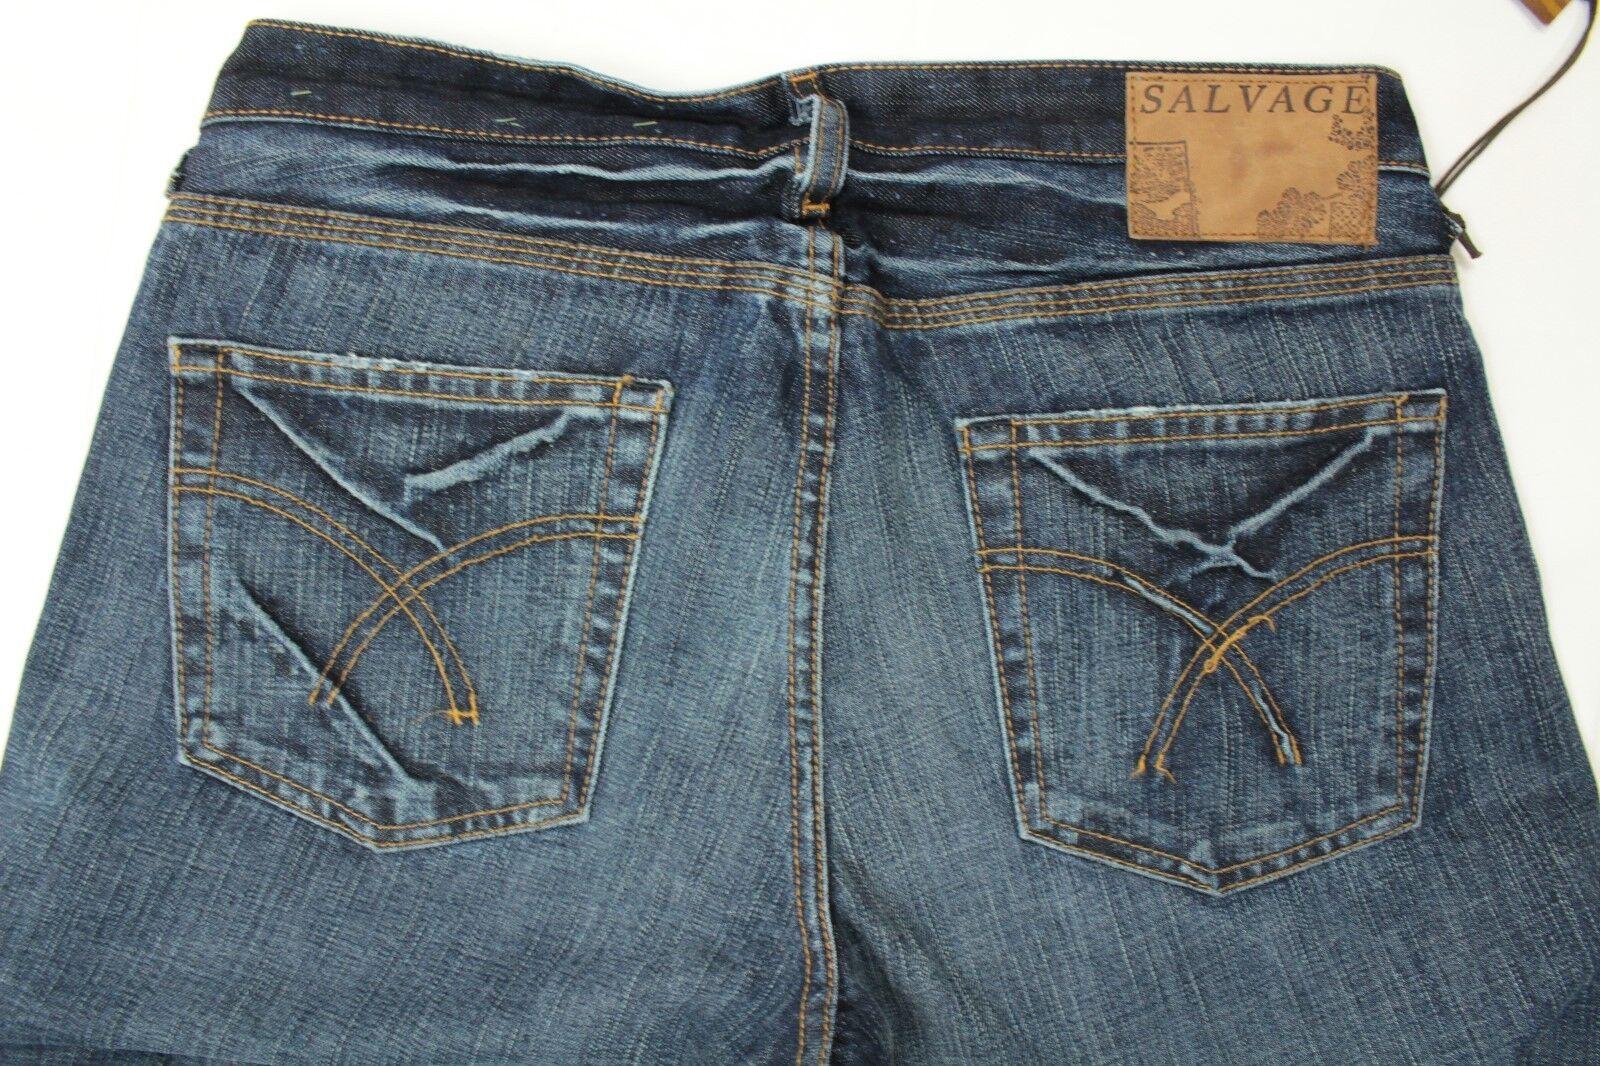 Buckle Salvage Coupe Homme Jeans Coupe Salvage Bottillon Délavé Jeepster Braguette Boutonnée eae409